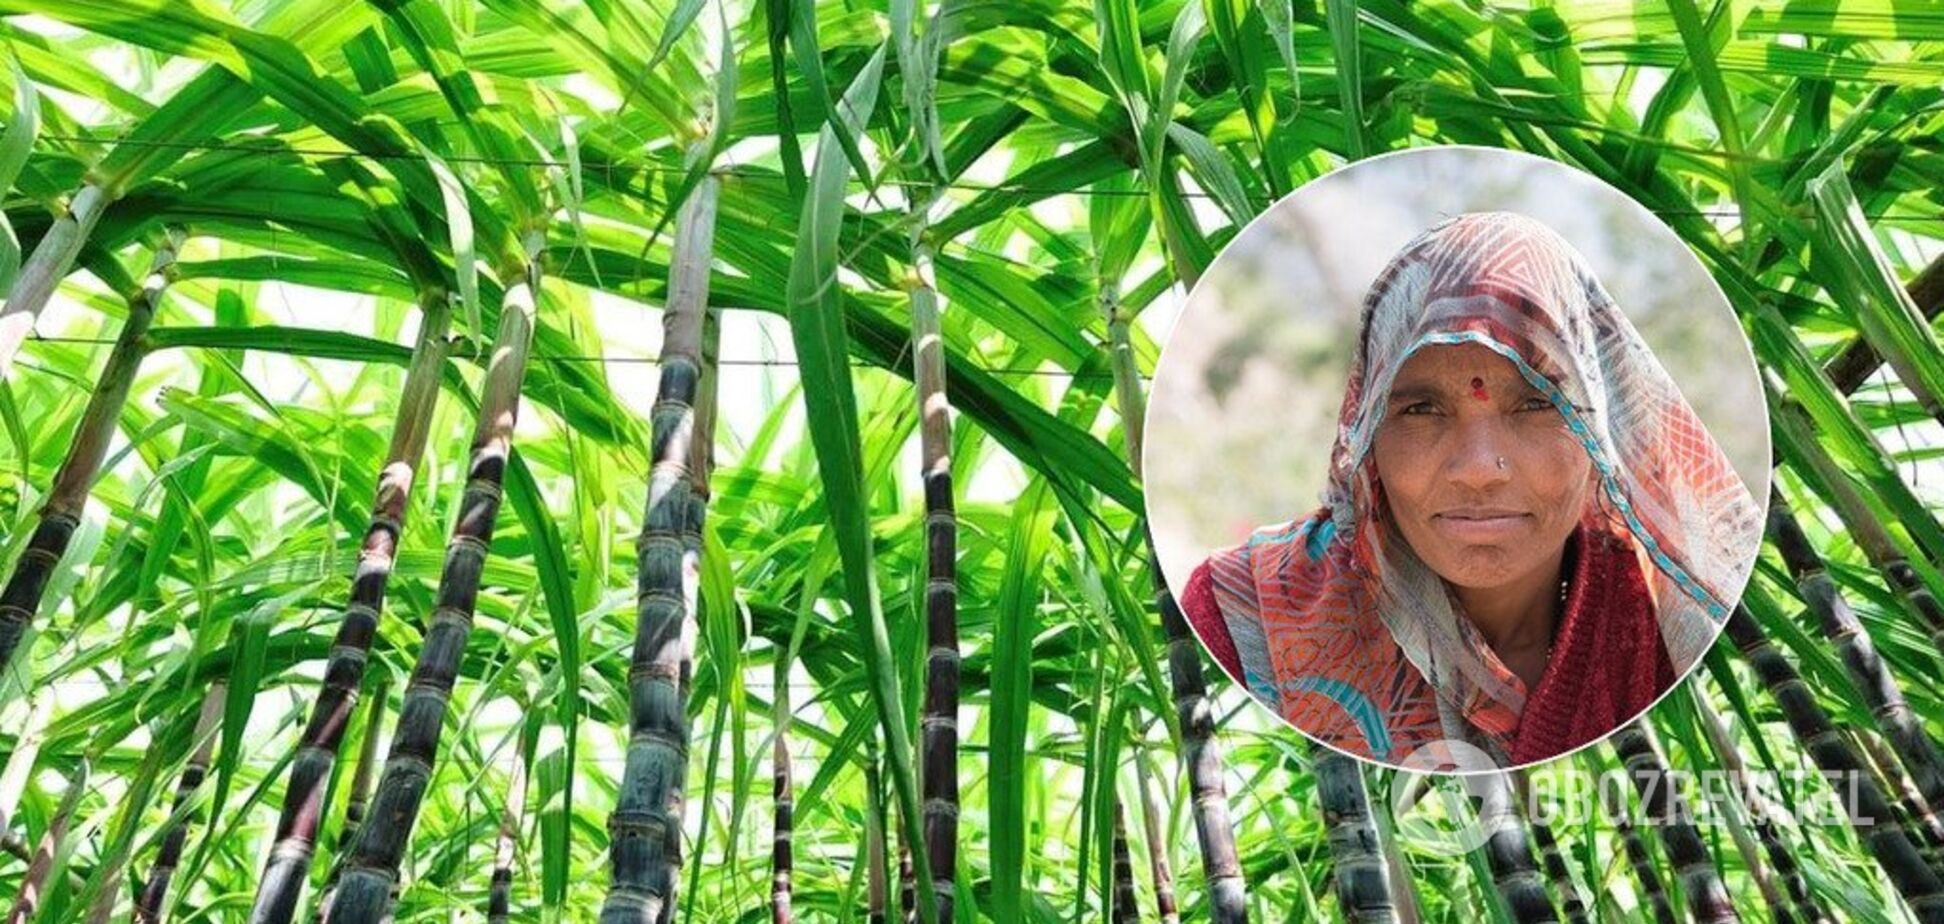 'Удаляли матку!' Стало известно о 'пытках' над работающими женщинами в Индии